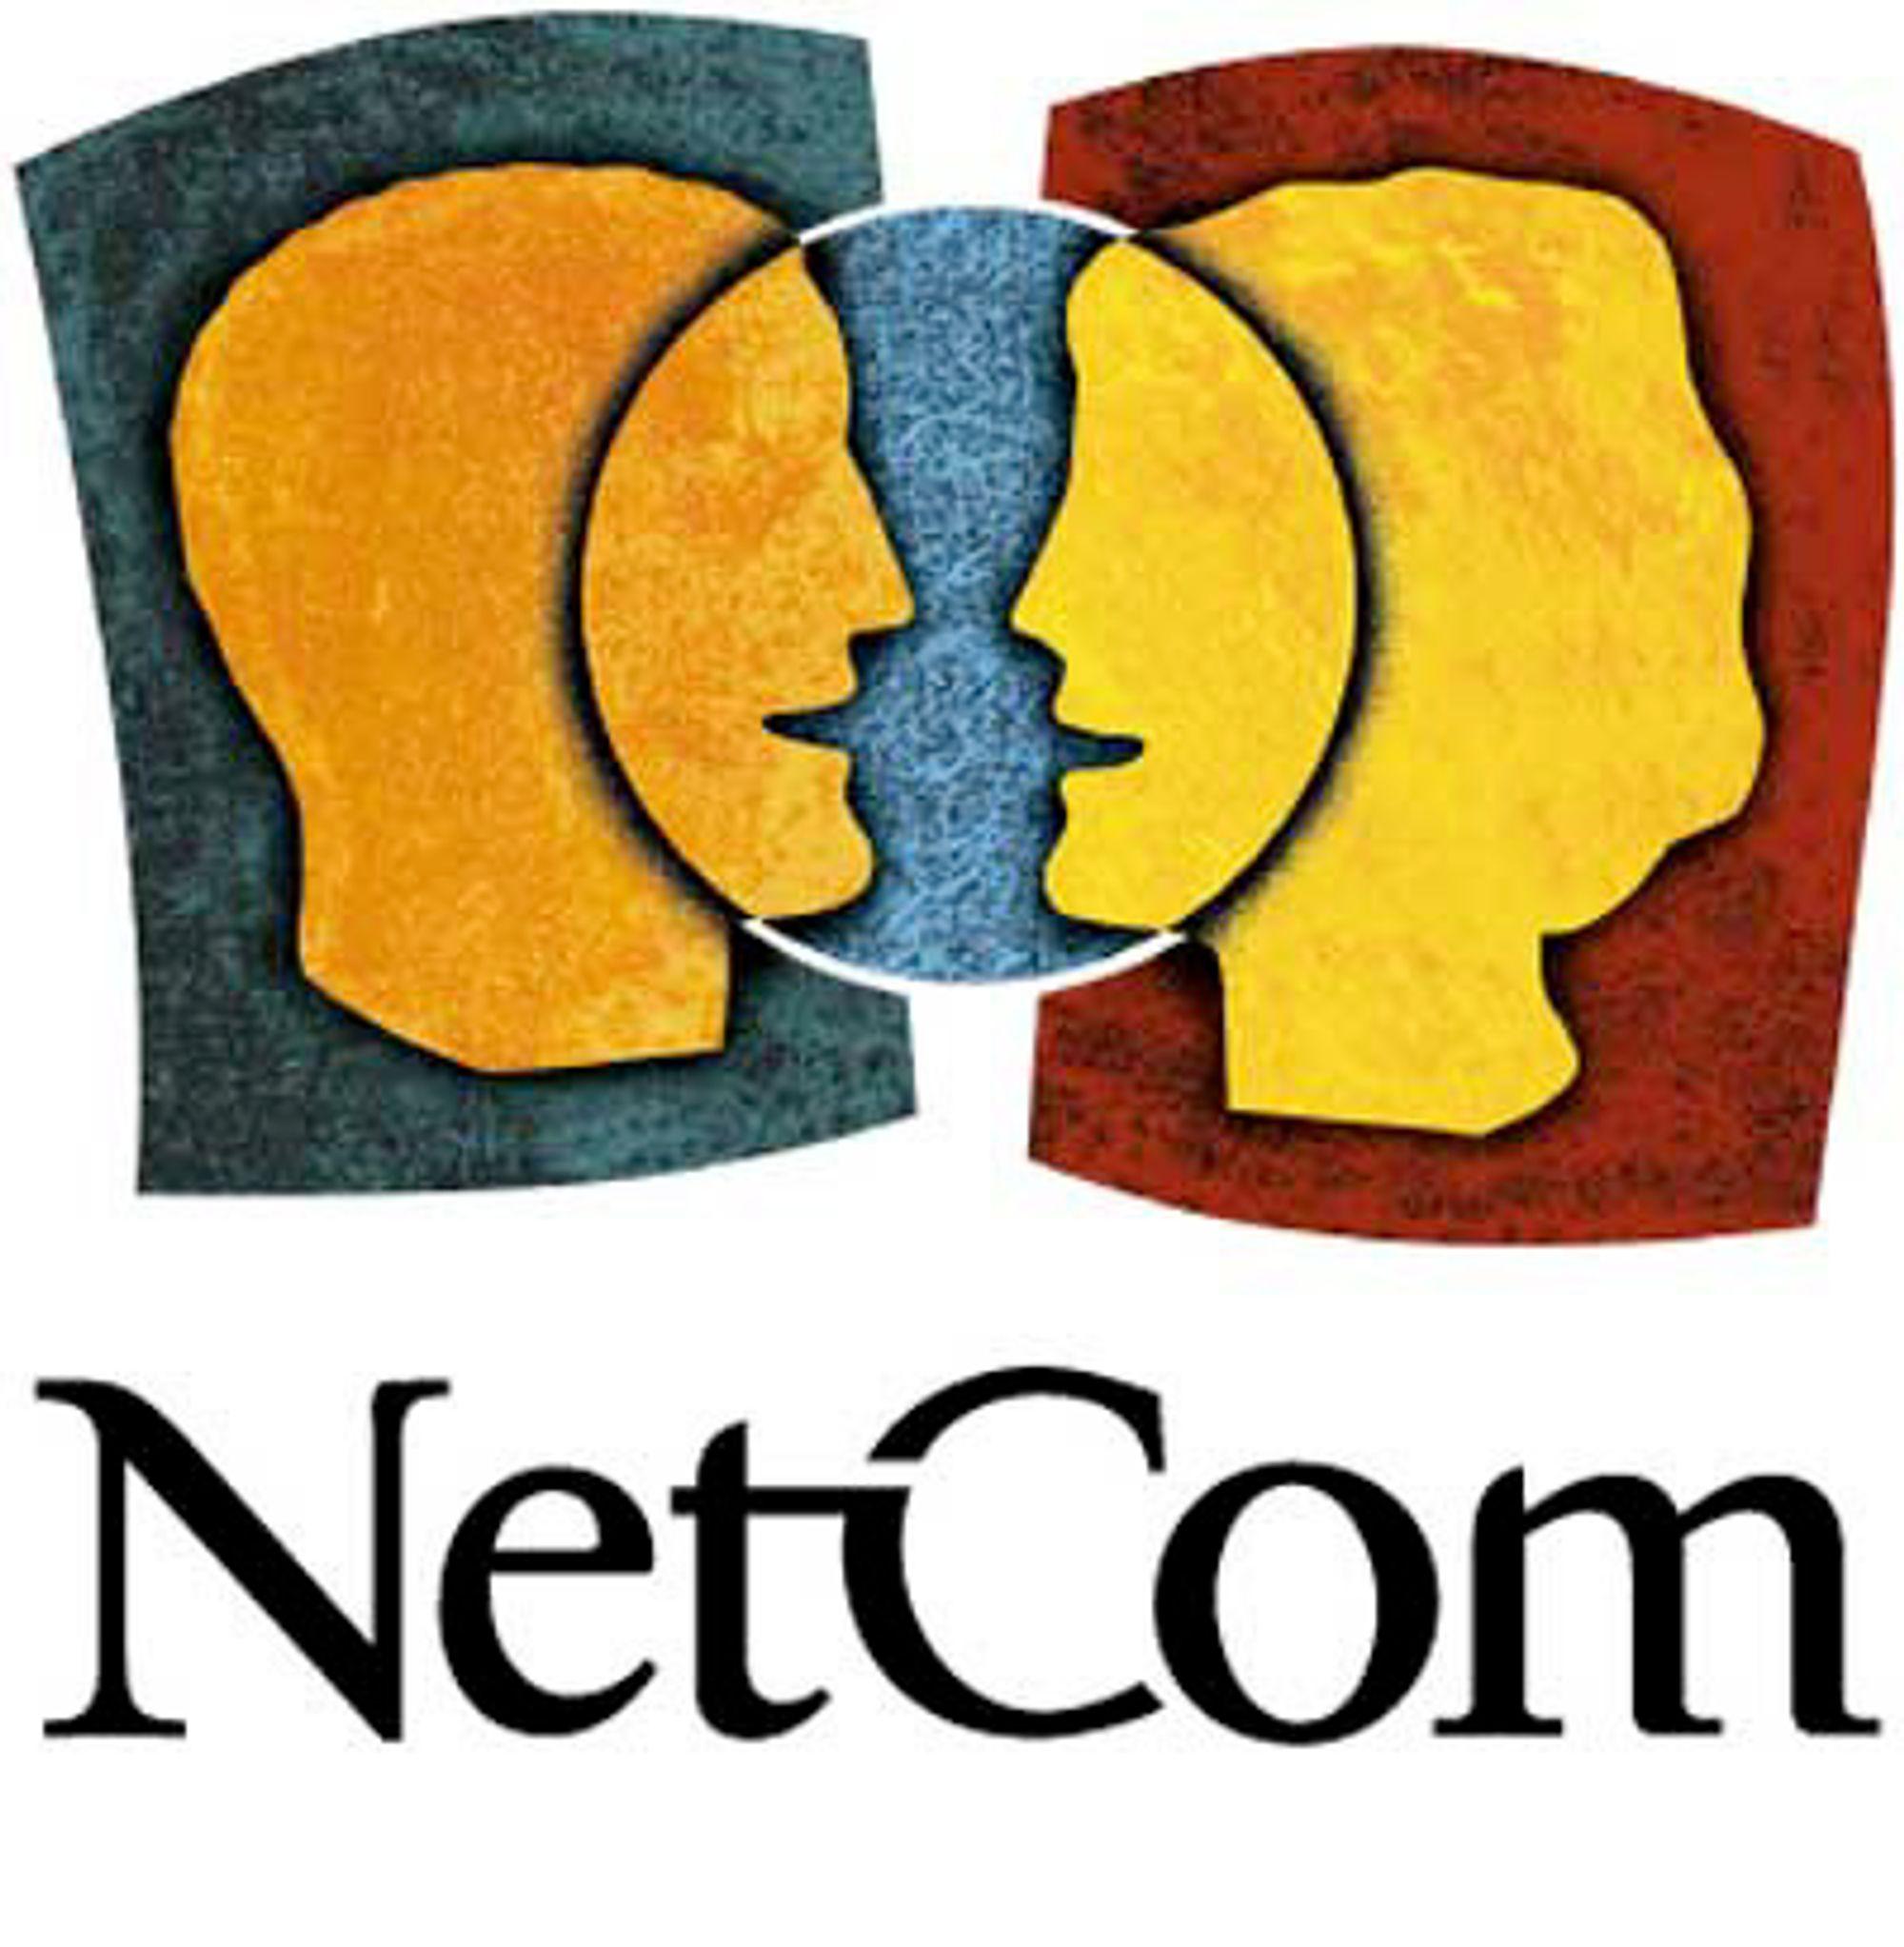 Netcom lanserer Mobilt Bredbånd Kontant.